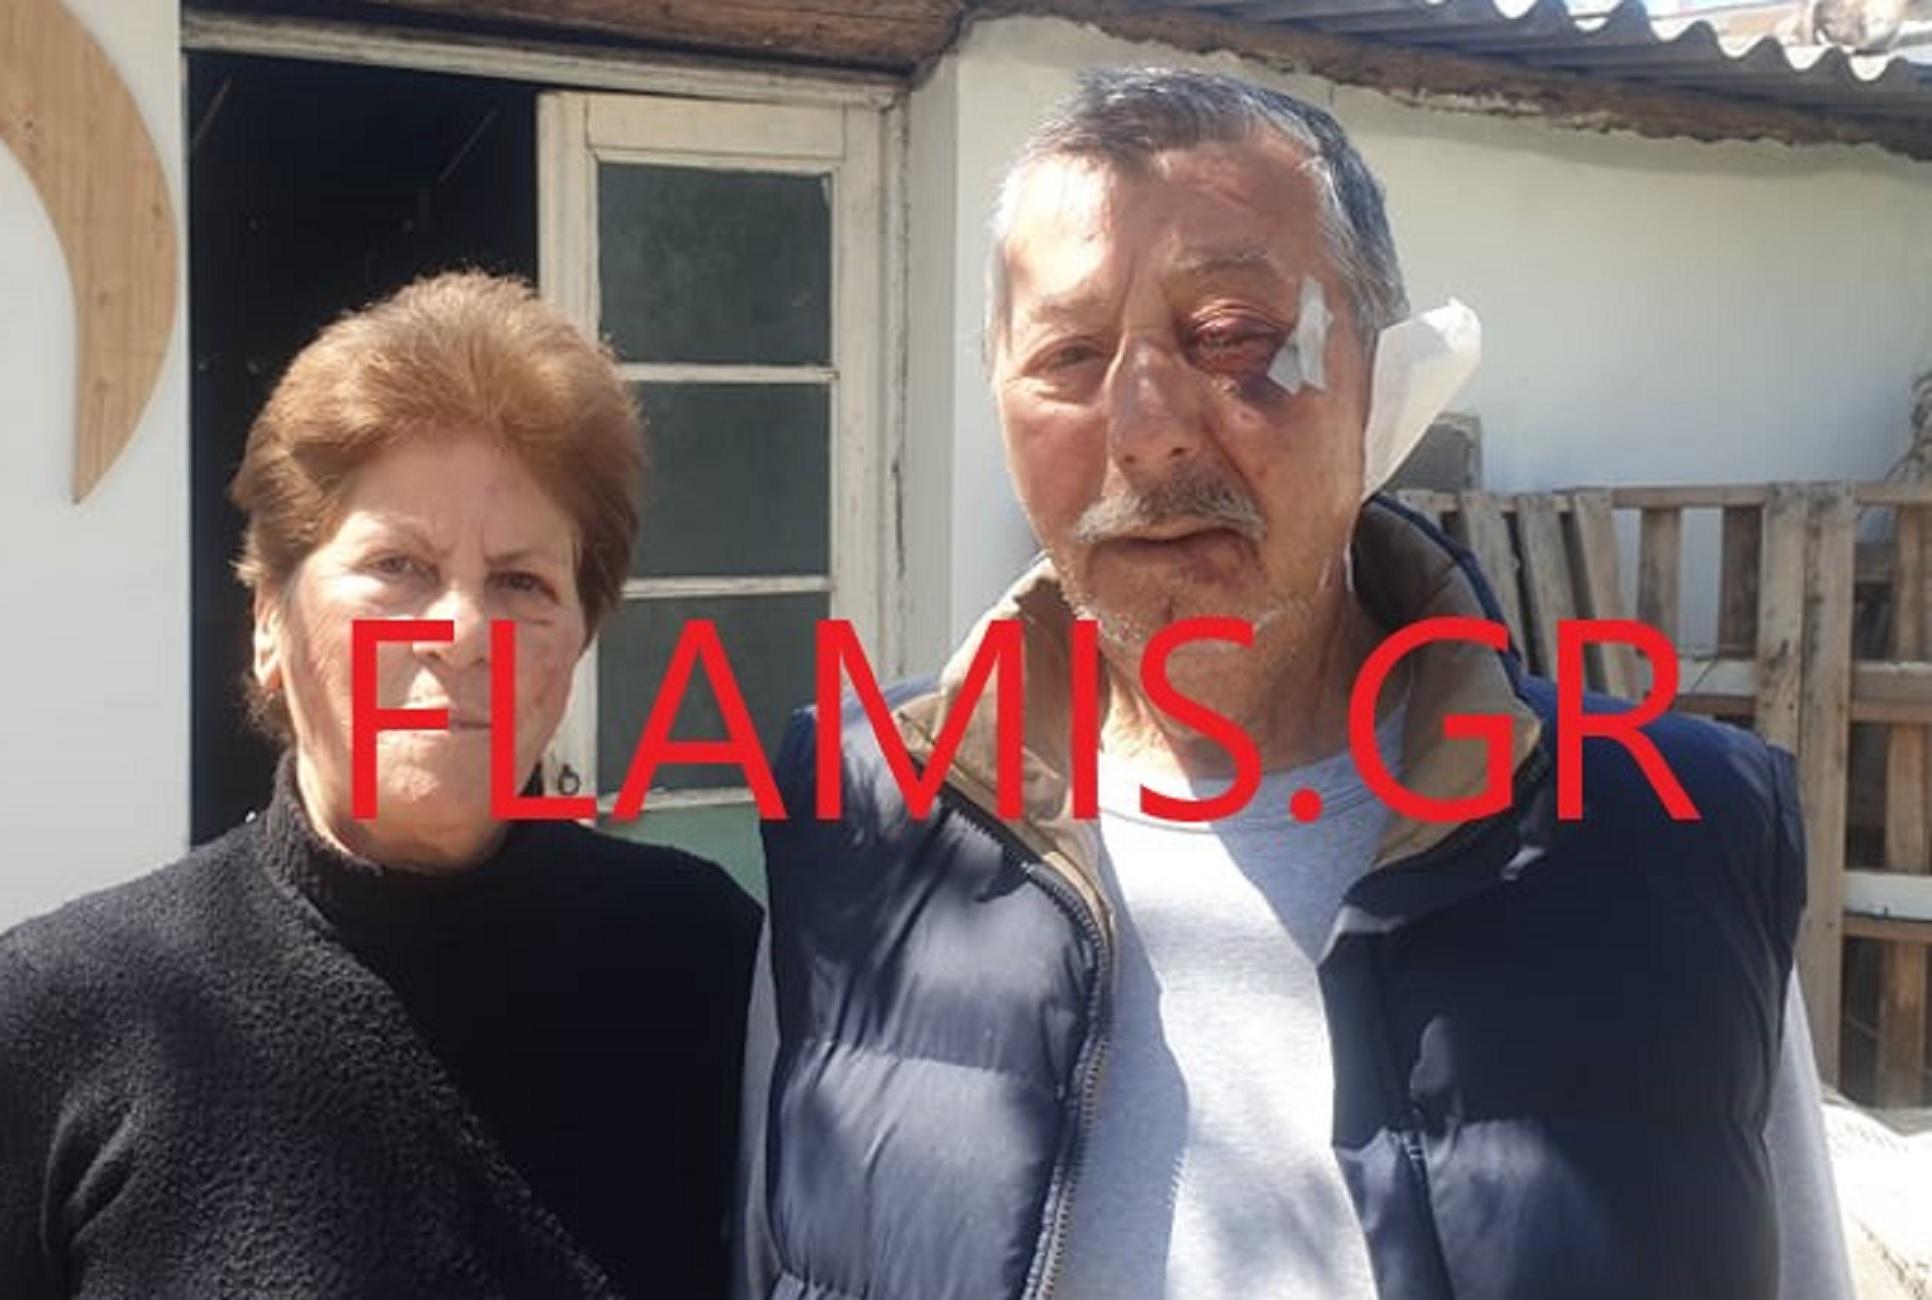 Αχαϊα: Ληστές – τέρατα σακάτεψαν στο ξύλο ζευγάρι – Η γυναίκα αναγνώρισε  δύο από τους βασανιστές της (video)